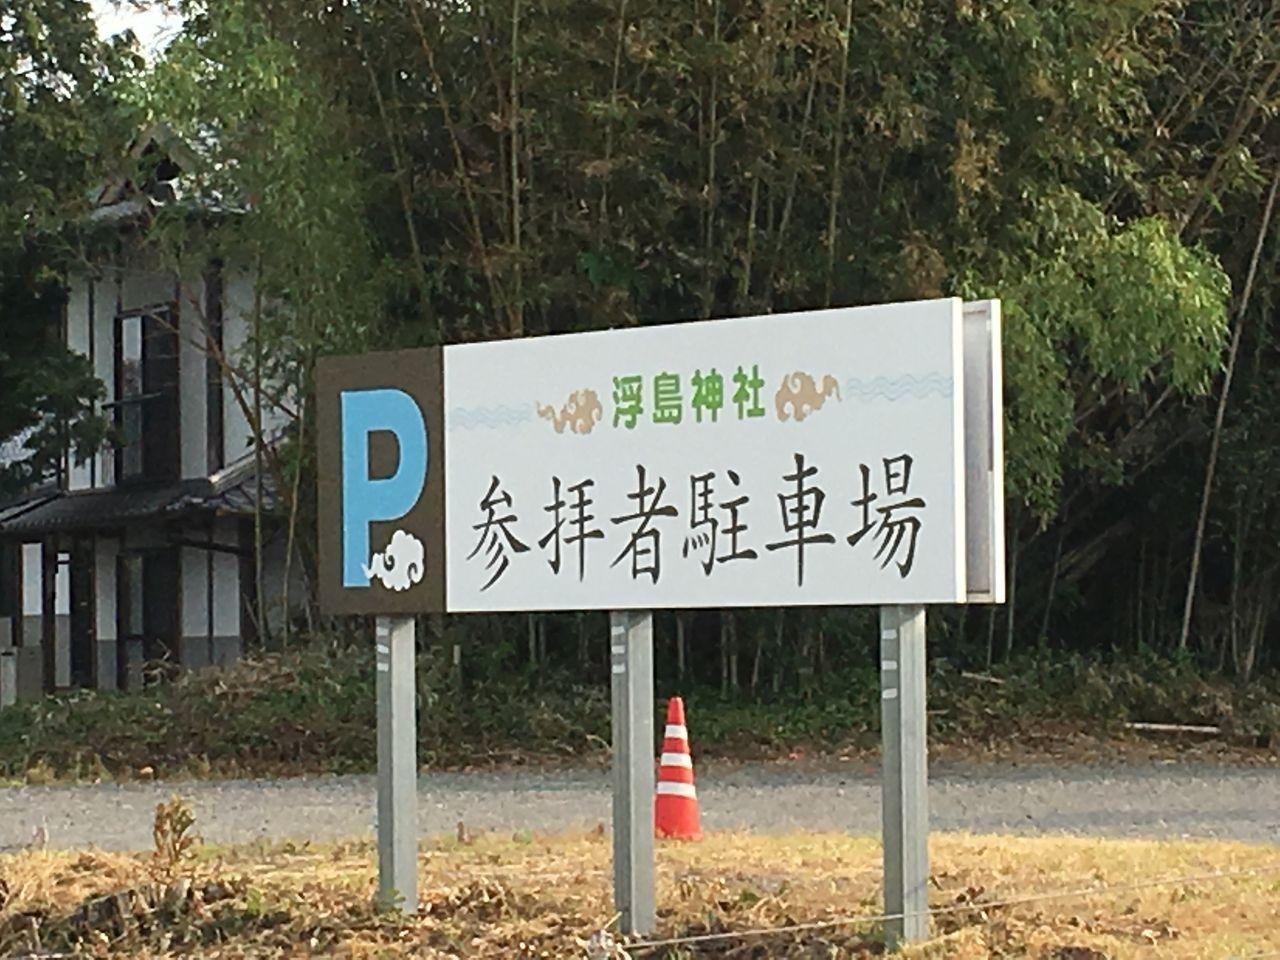 浮島さん本殿うらにある参拝者用駐車場